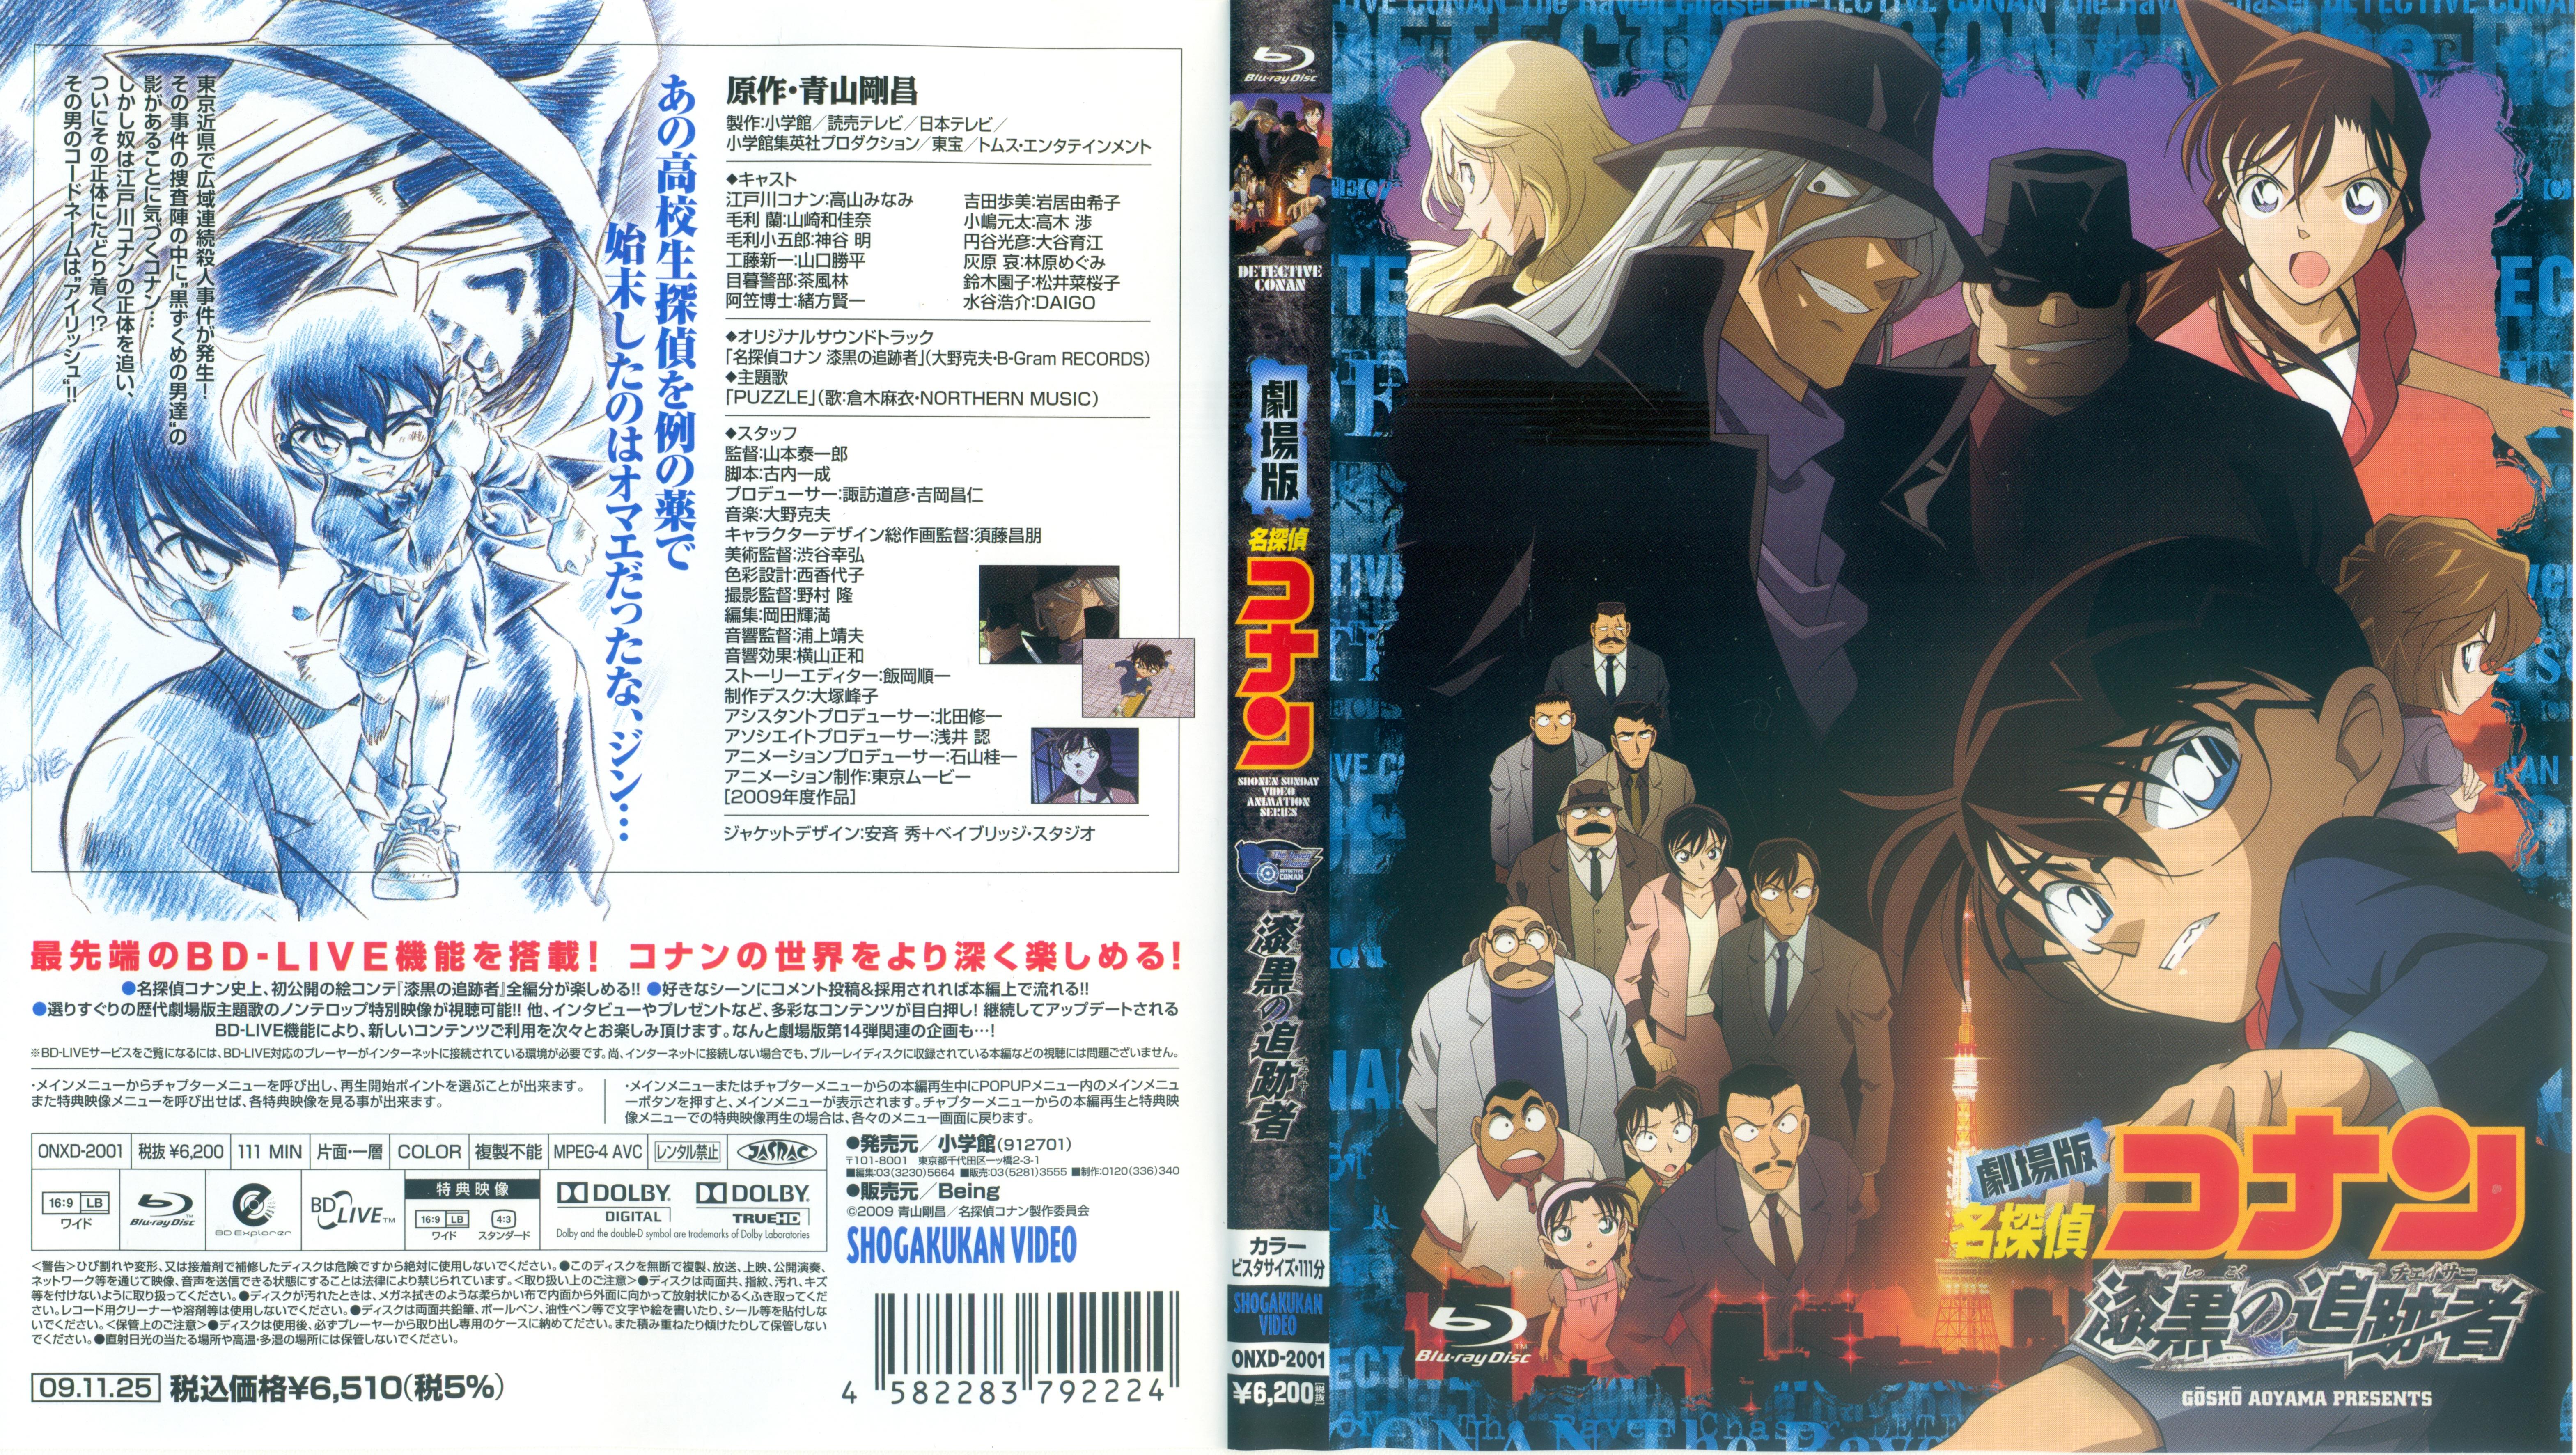 Detective Conan: Movie 13 Blu-ray Cover - Minitokyo